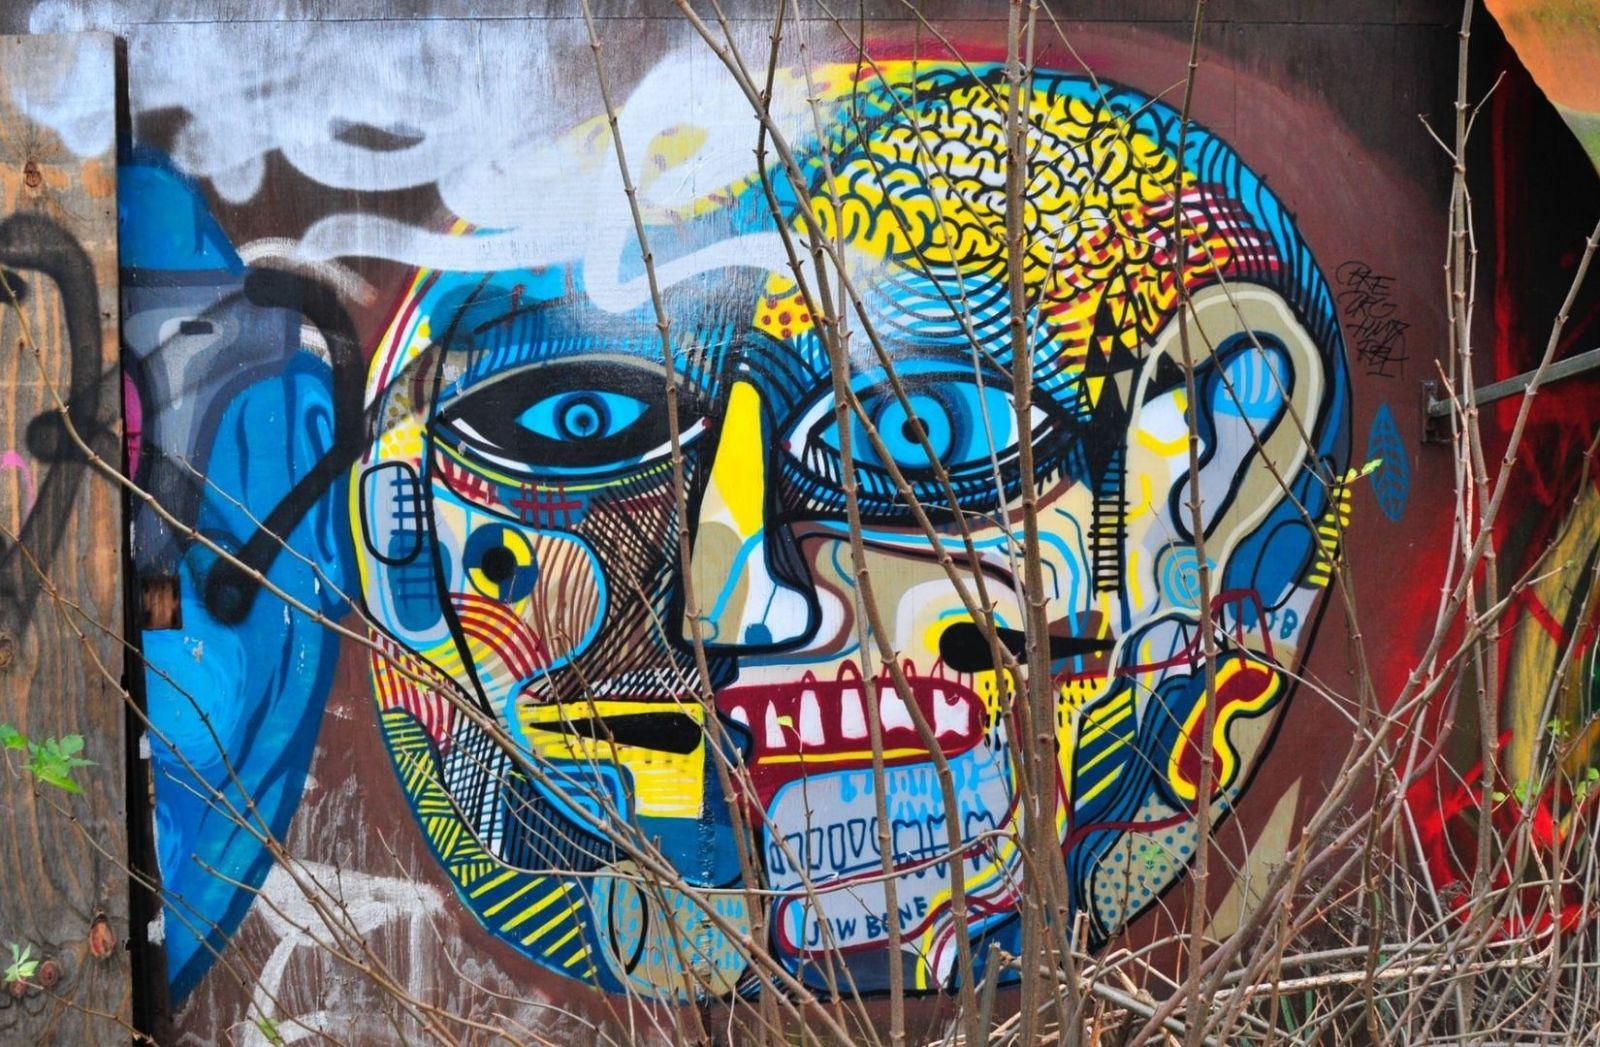 Kathargo als Strret Art? Nein, nur Gesichter. (Foto: Boudewijn Huysmans, Unsplash.com)